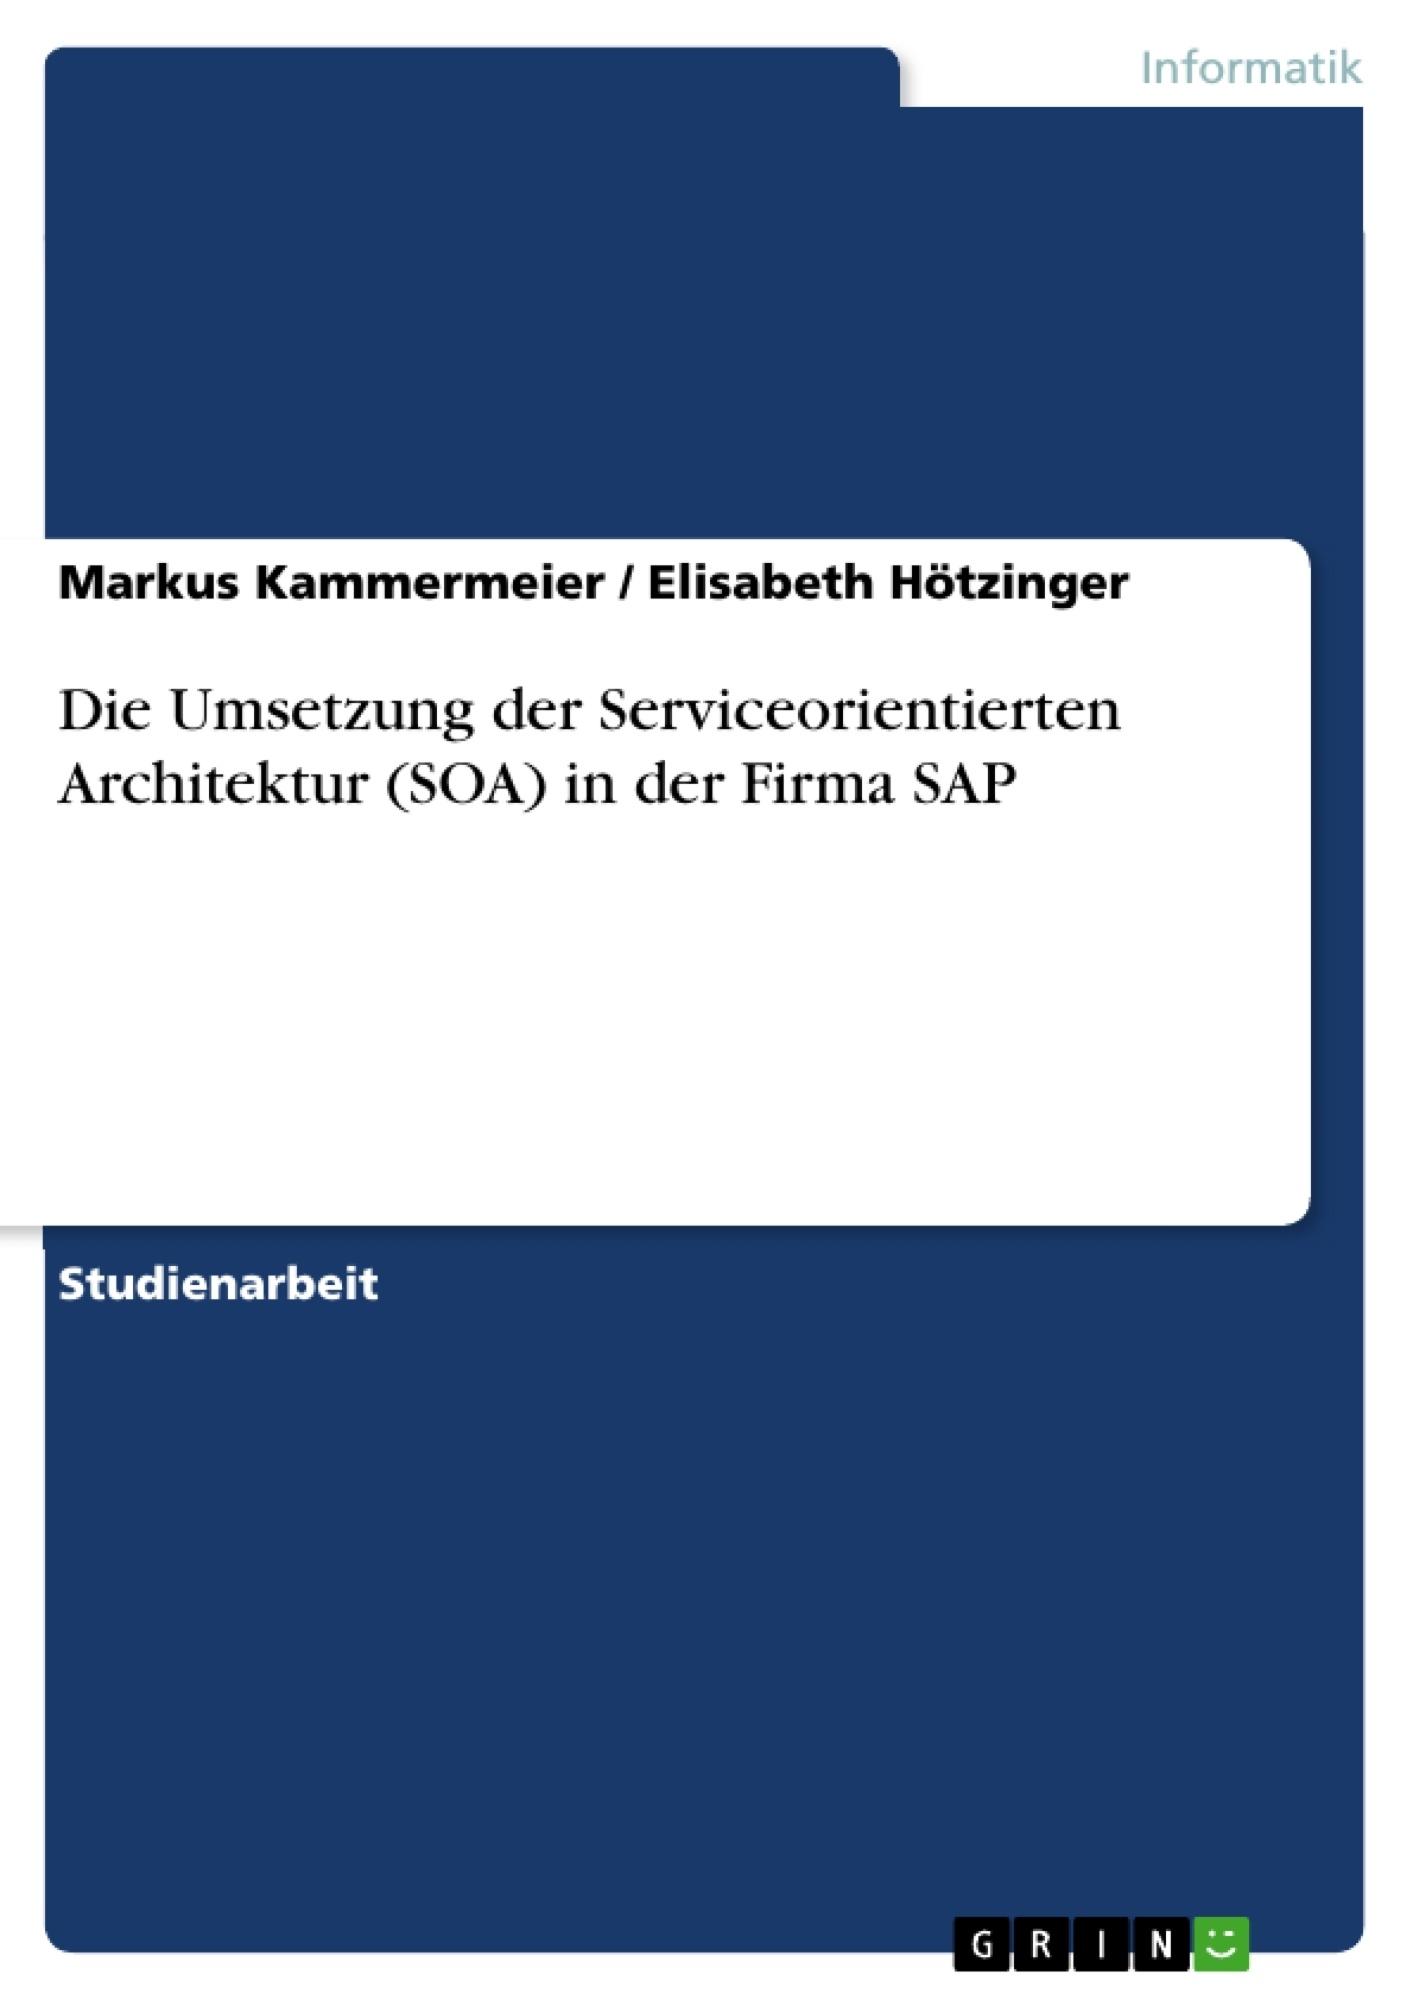 Titel: Die Umsetzung der Serviceorientierten Architektur (SOA) in der Firma SAP